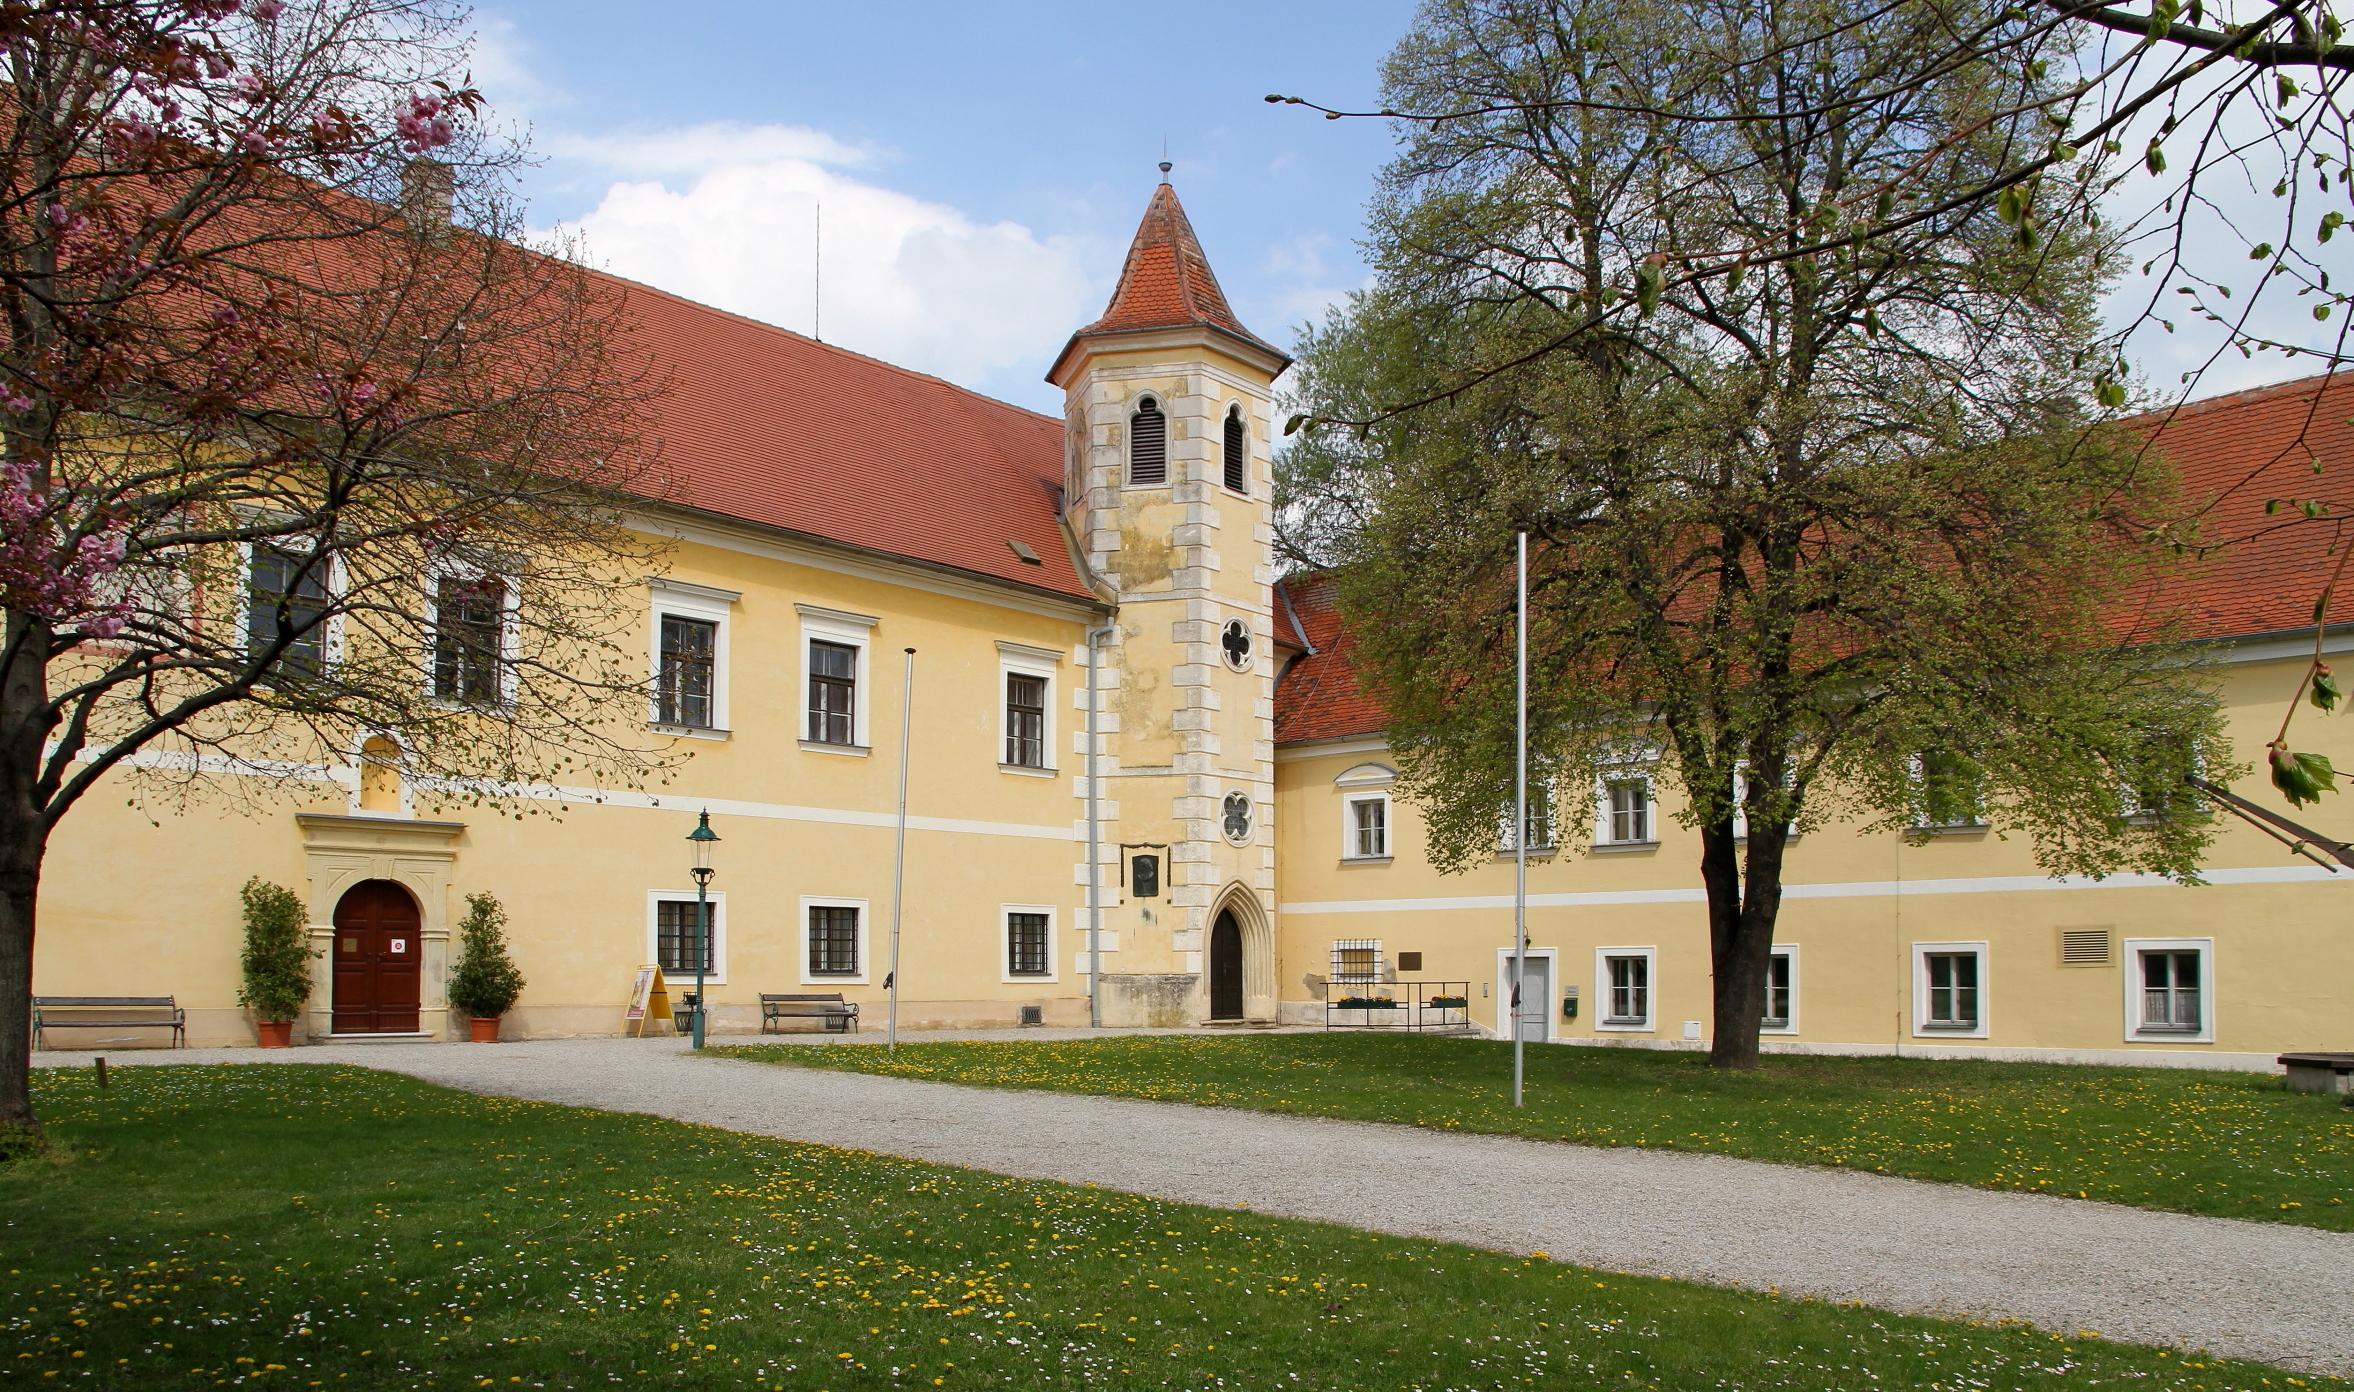 SAVE THE DATE - Rotes Kreuz Atzenbrugg-Heiligeneich